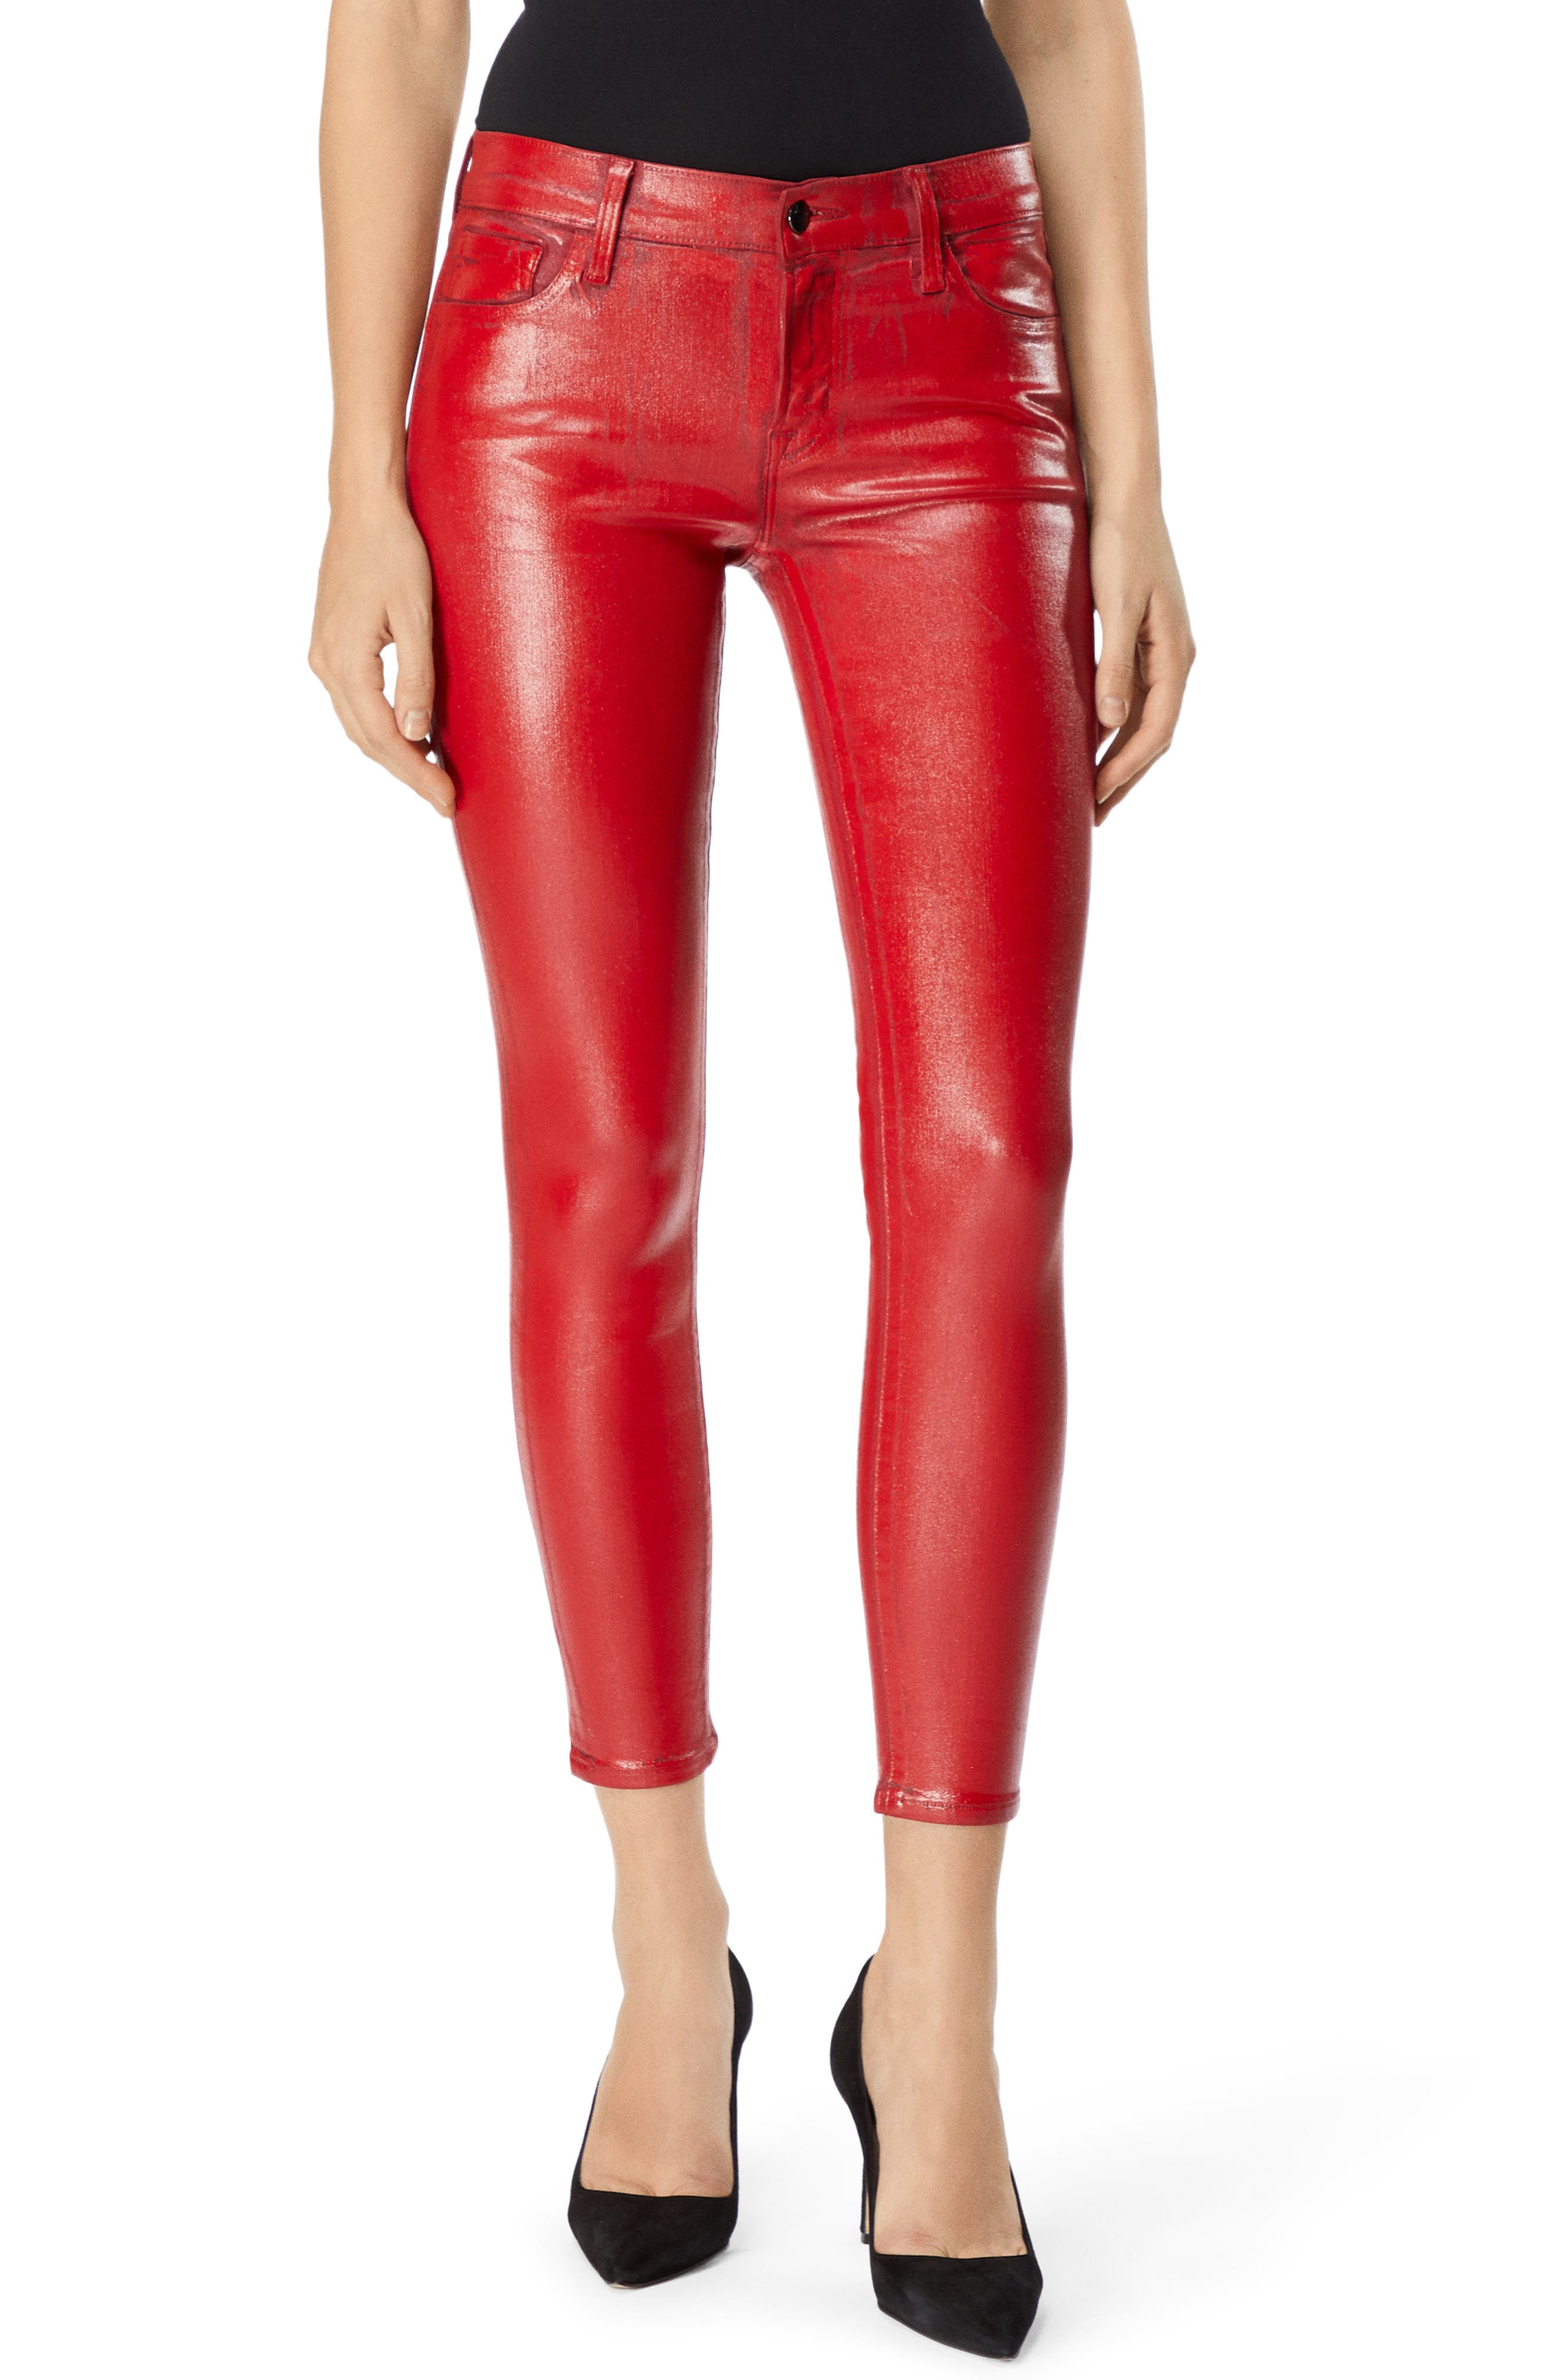 J BRAND 835 Coated Capri Skinny Jeans In Phenomena